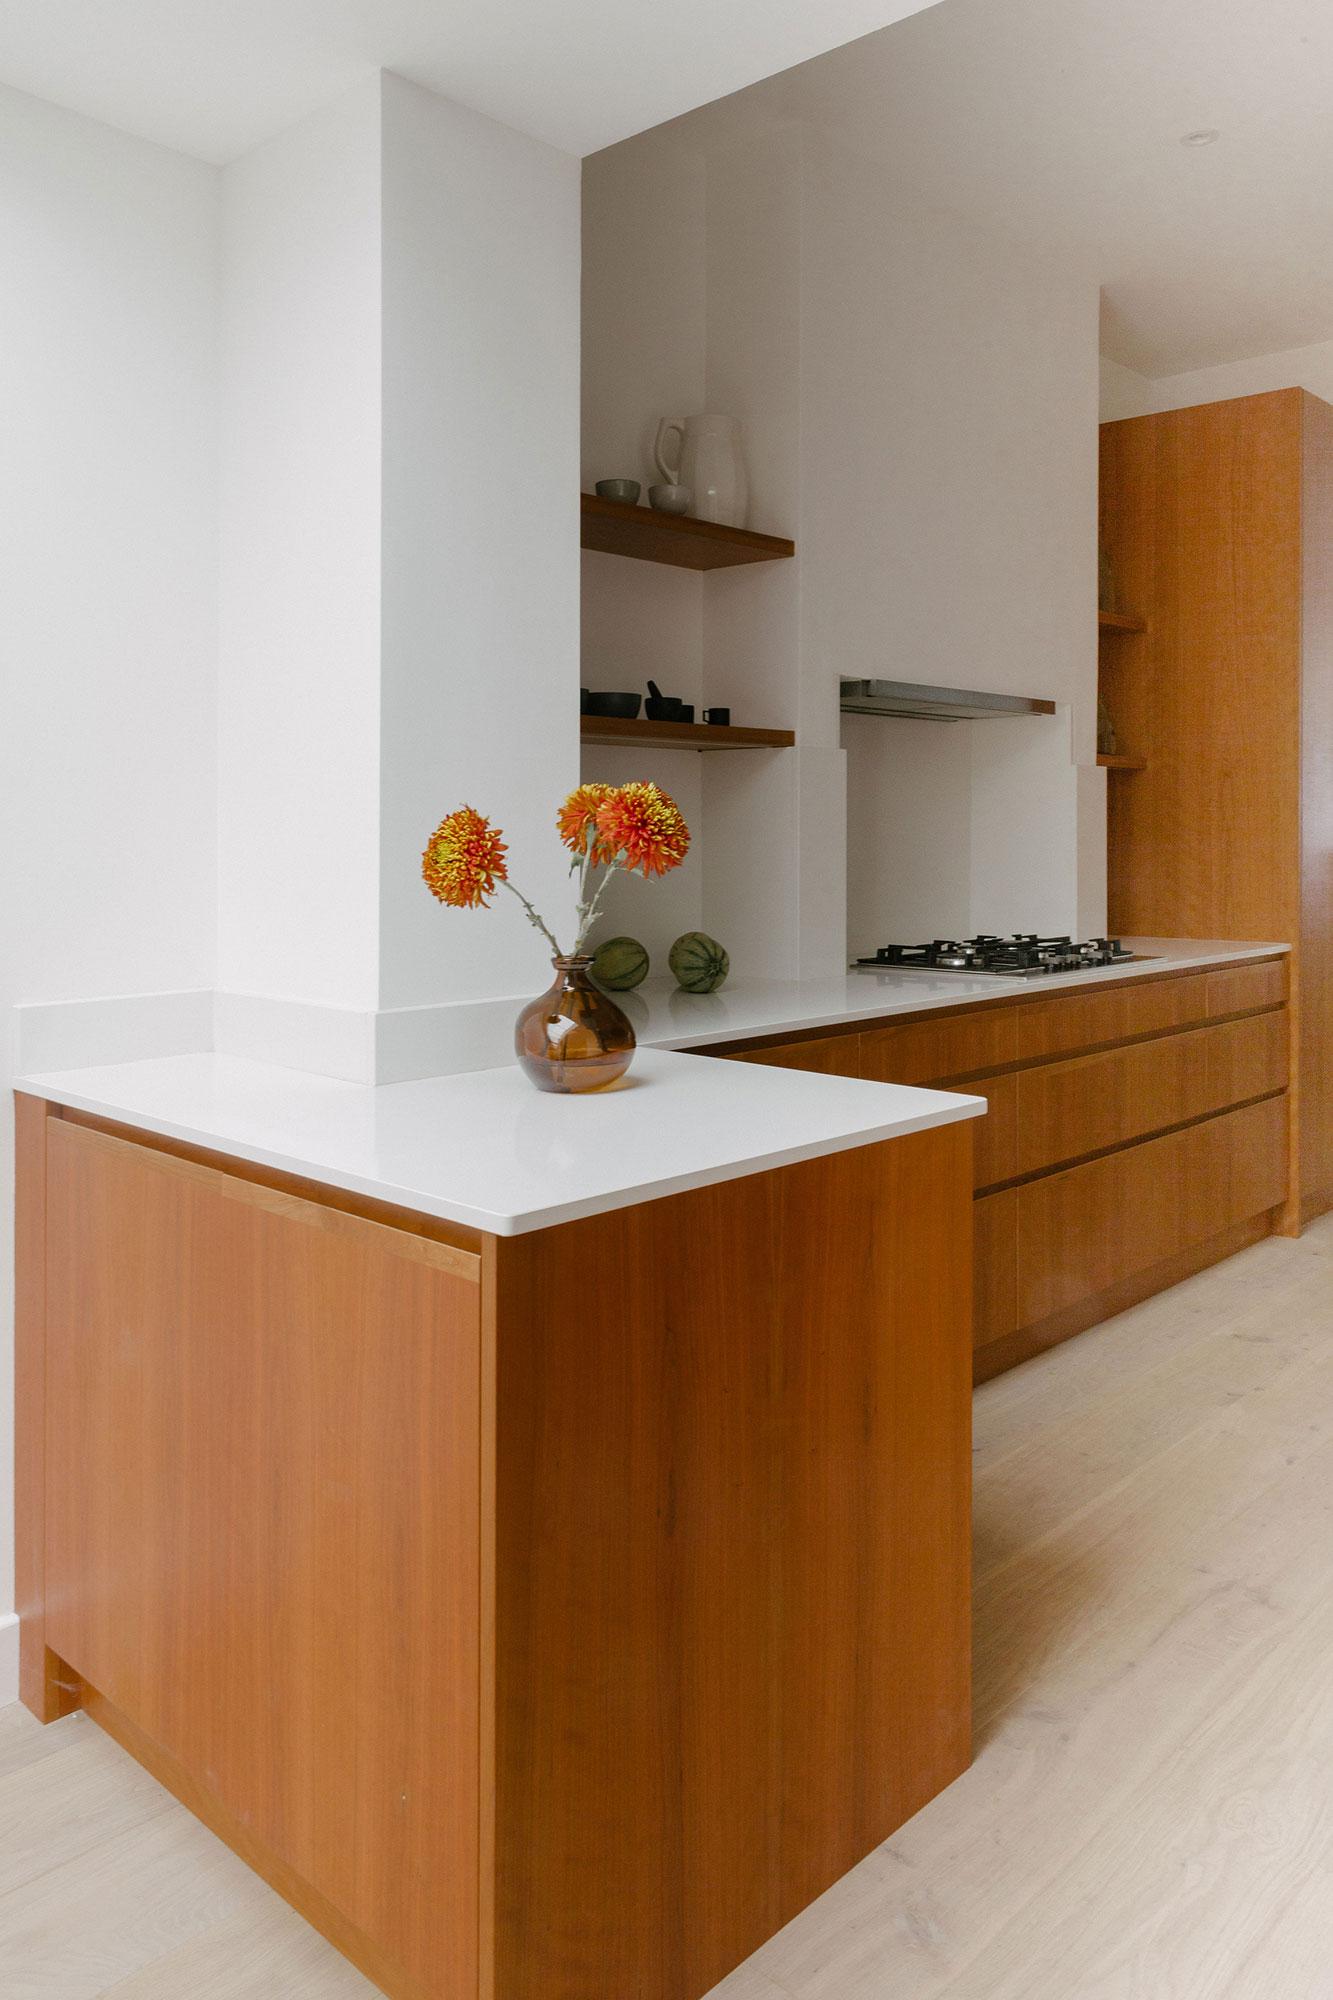 bespoke cherry veneer kitchen